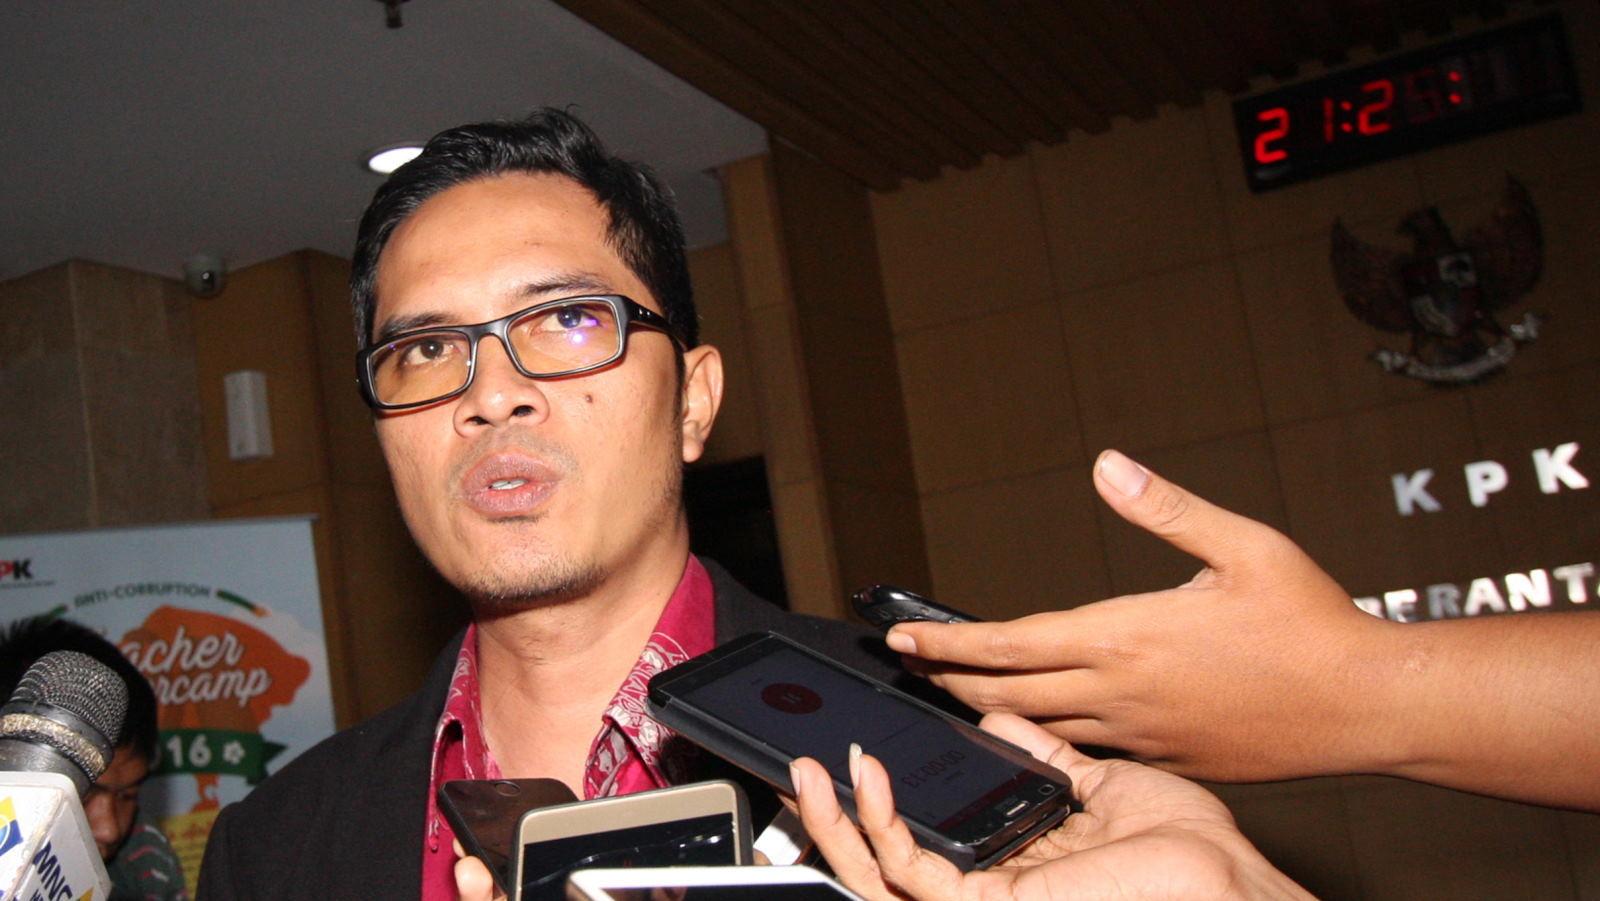 Ott Kpk Photo: KPK Benarkan OTT Libatkan Kajari Pamekasan Jawa Timur